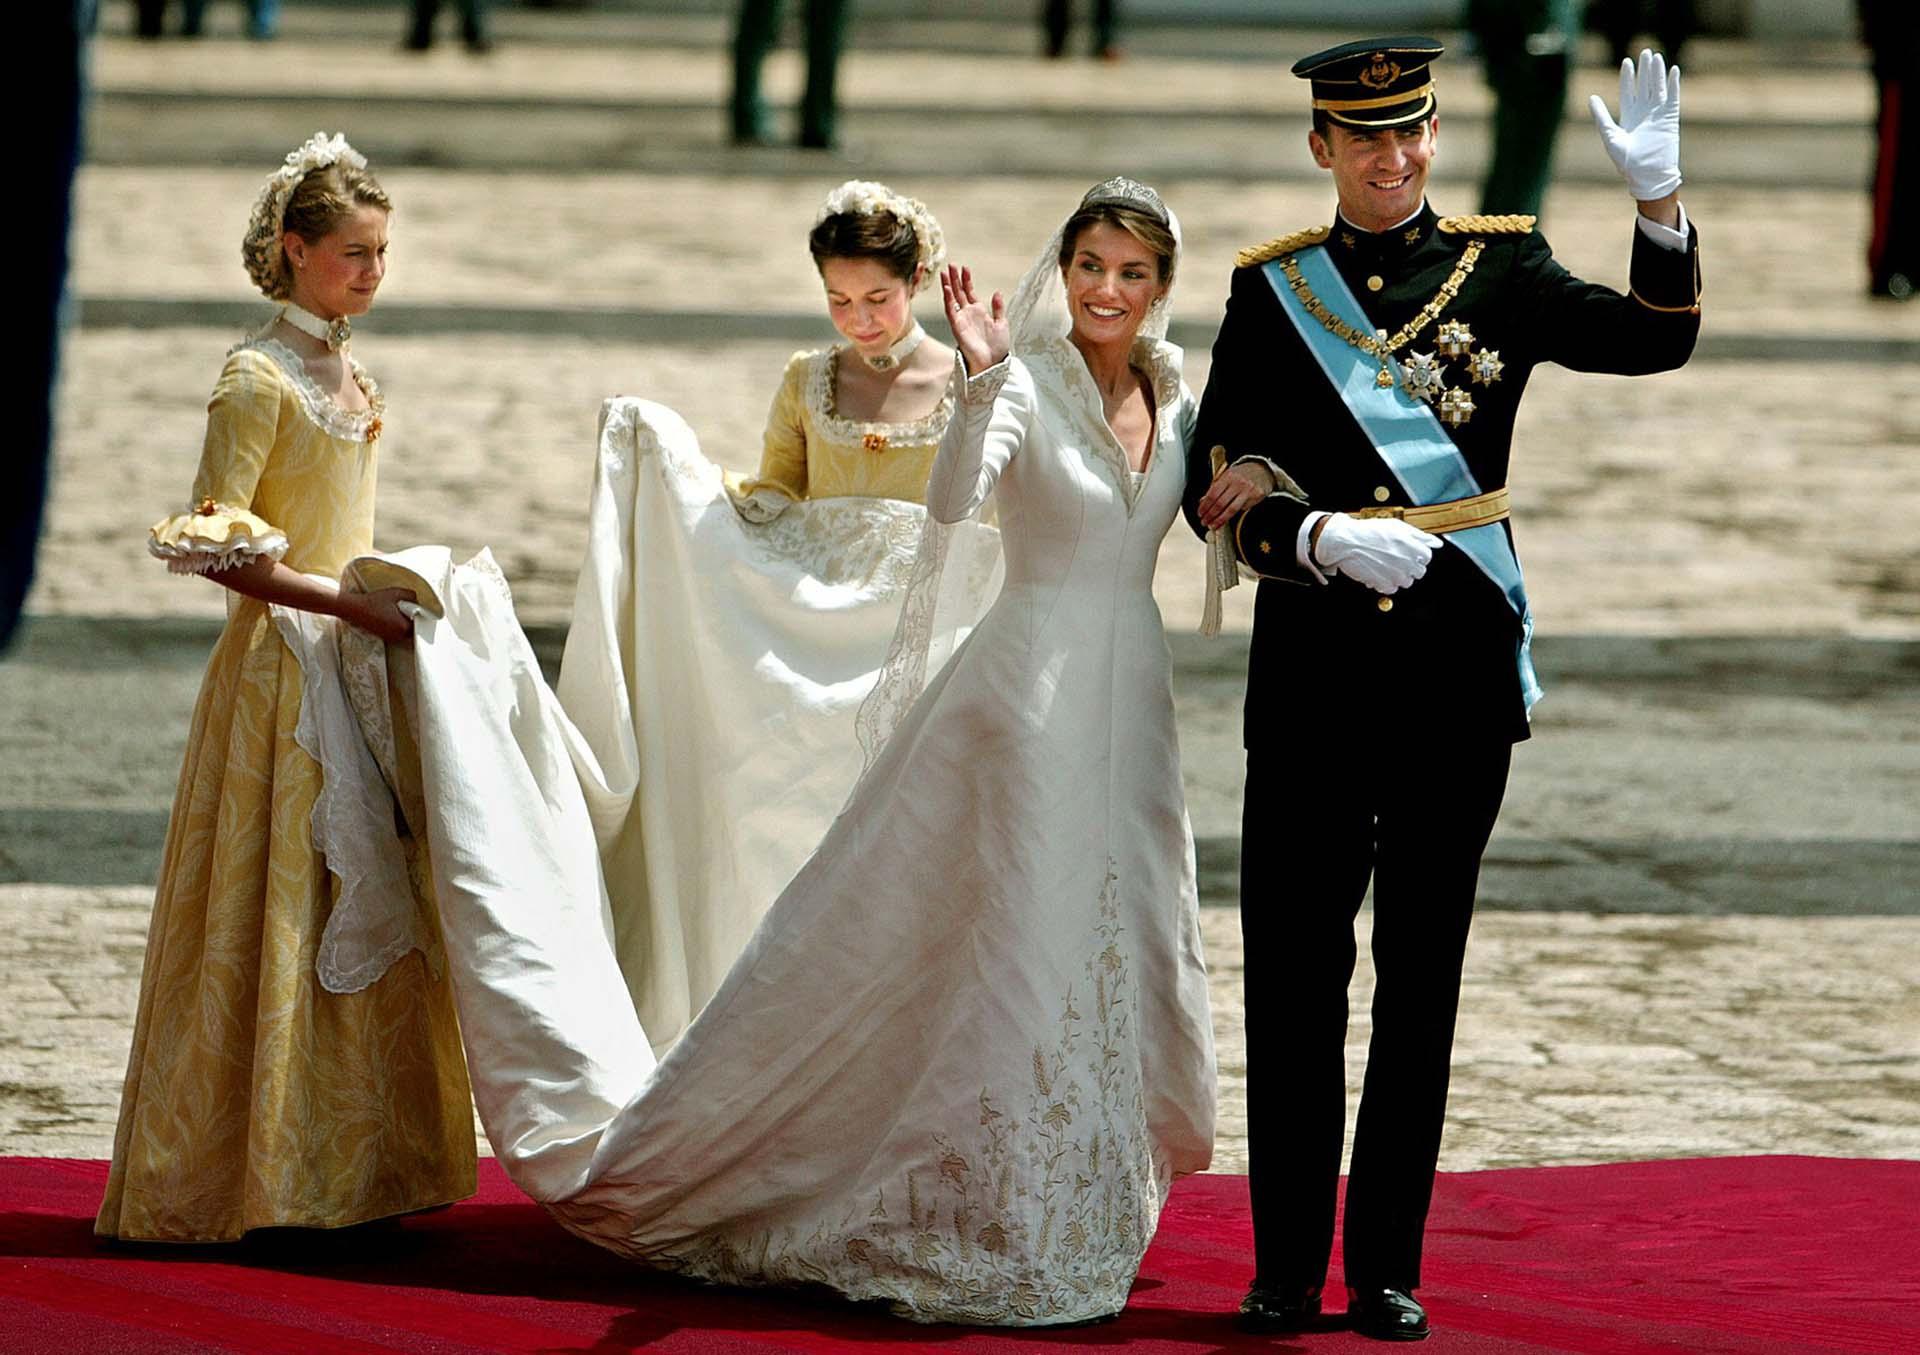 El 22 de mayo 2004en la Catedral de Almudena se casaban el príncipe Felipe y Letizia. A partir del enlace real ellallevóel título de princesa consorte.